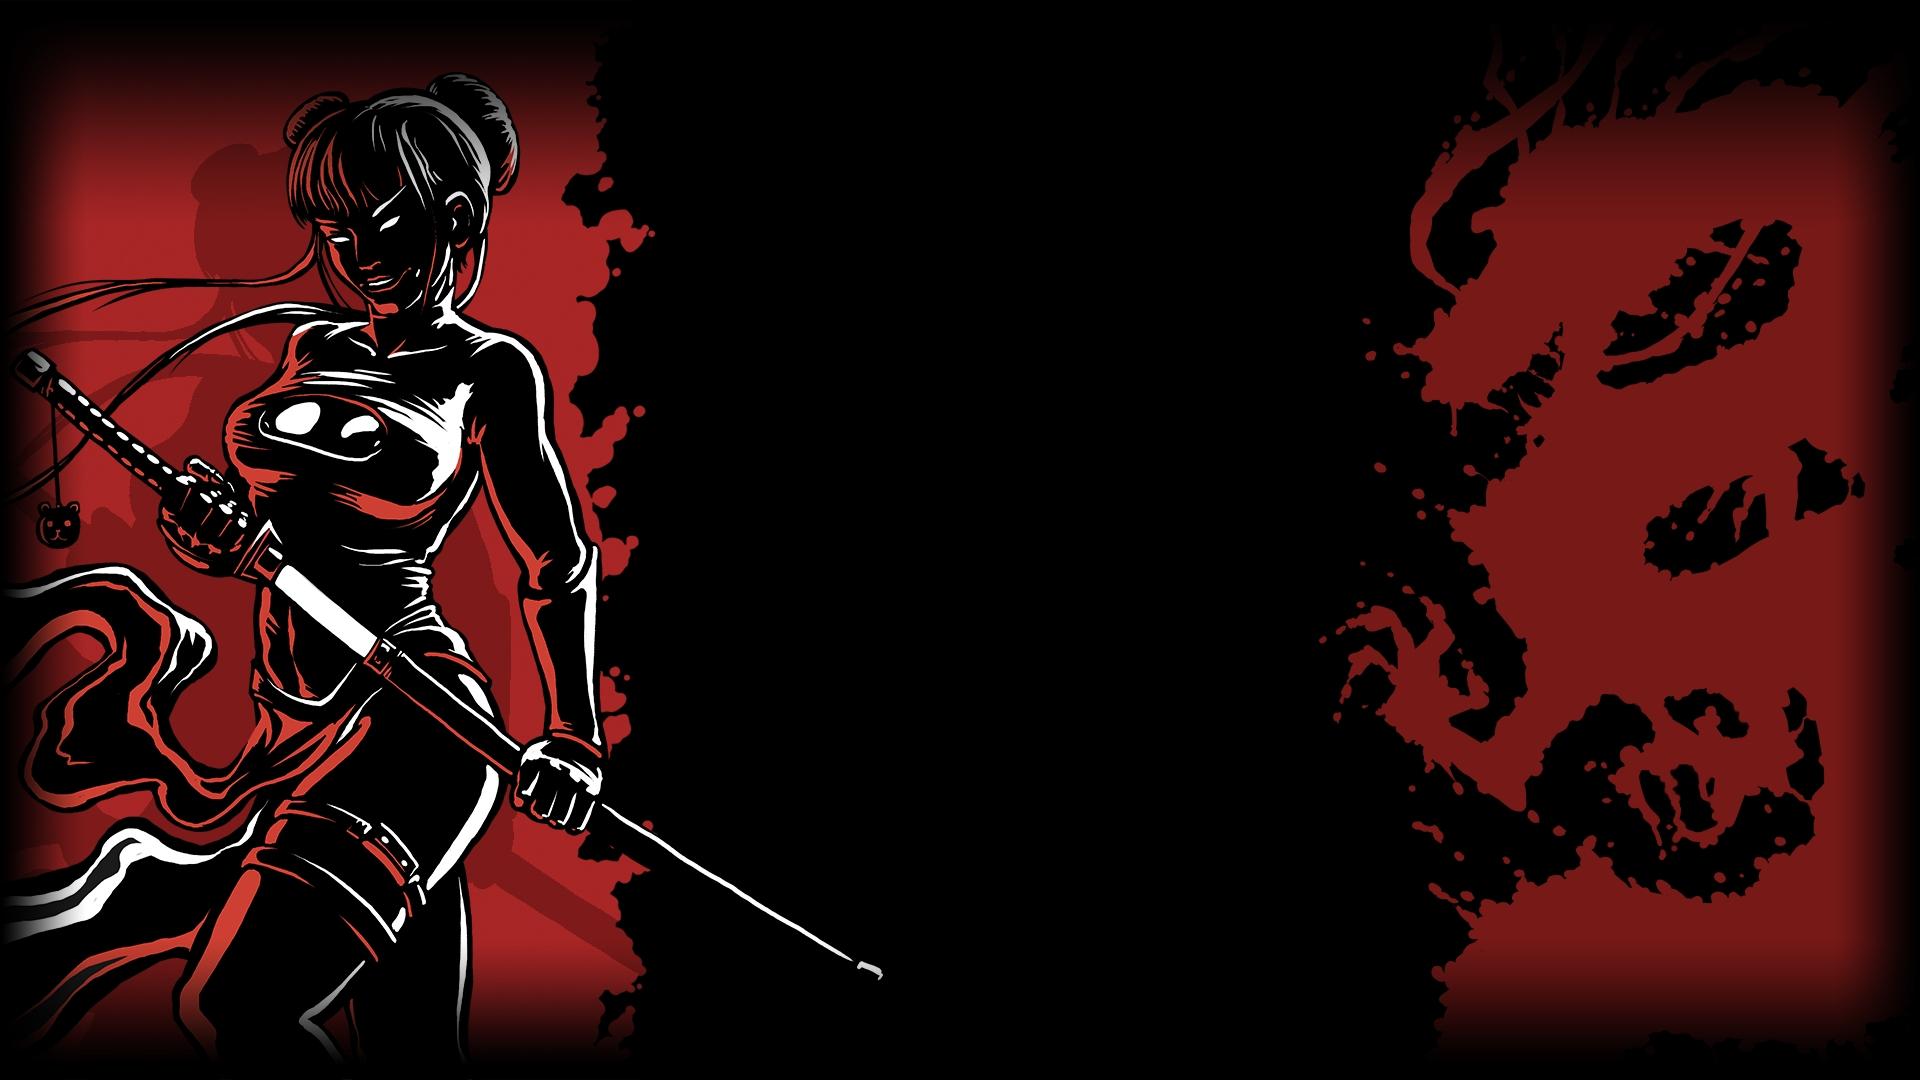 Steampunk Girl Desktop Wallpaper Steam Backgrounds With Hot Girls